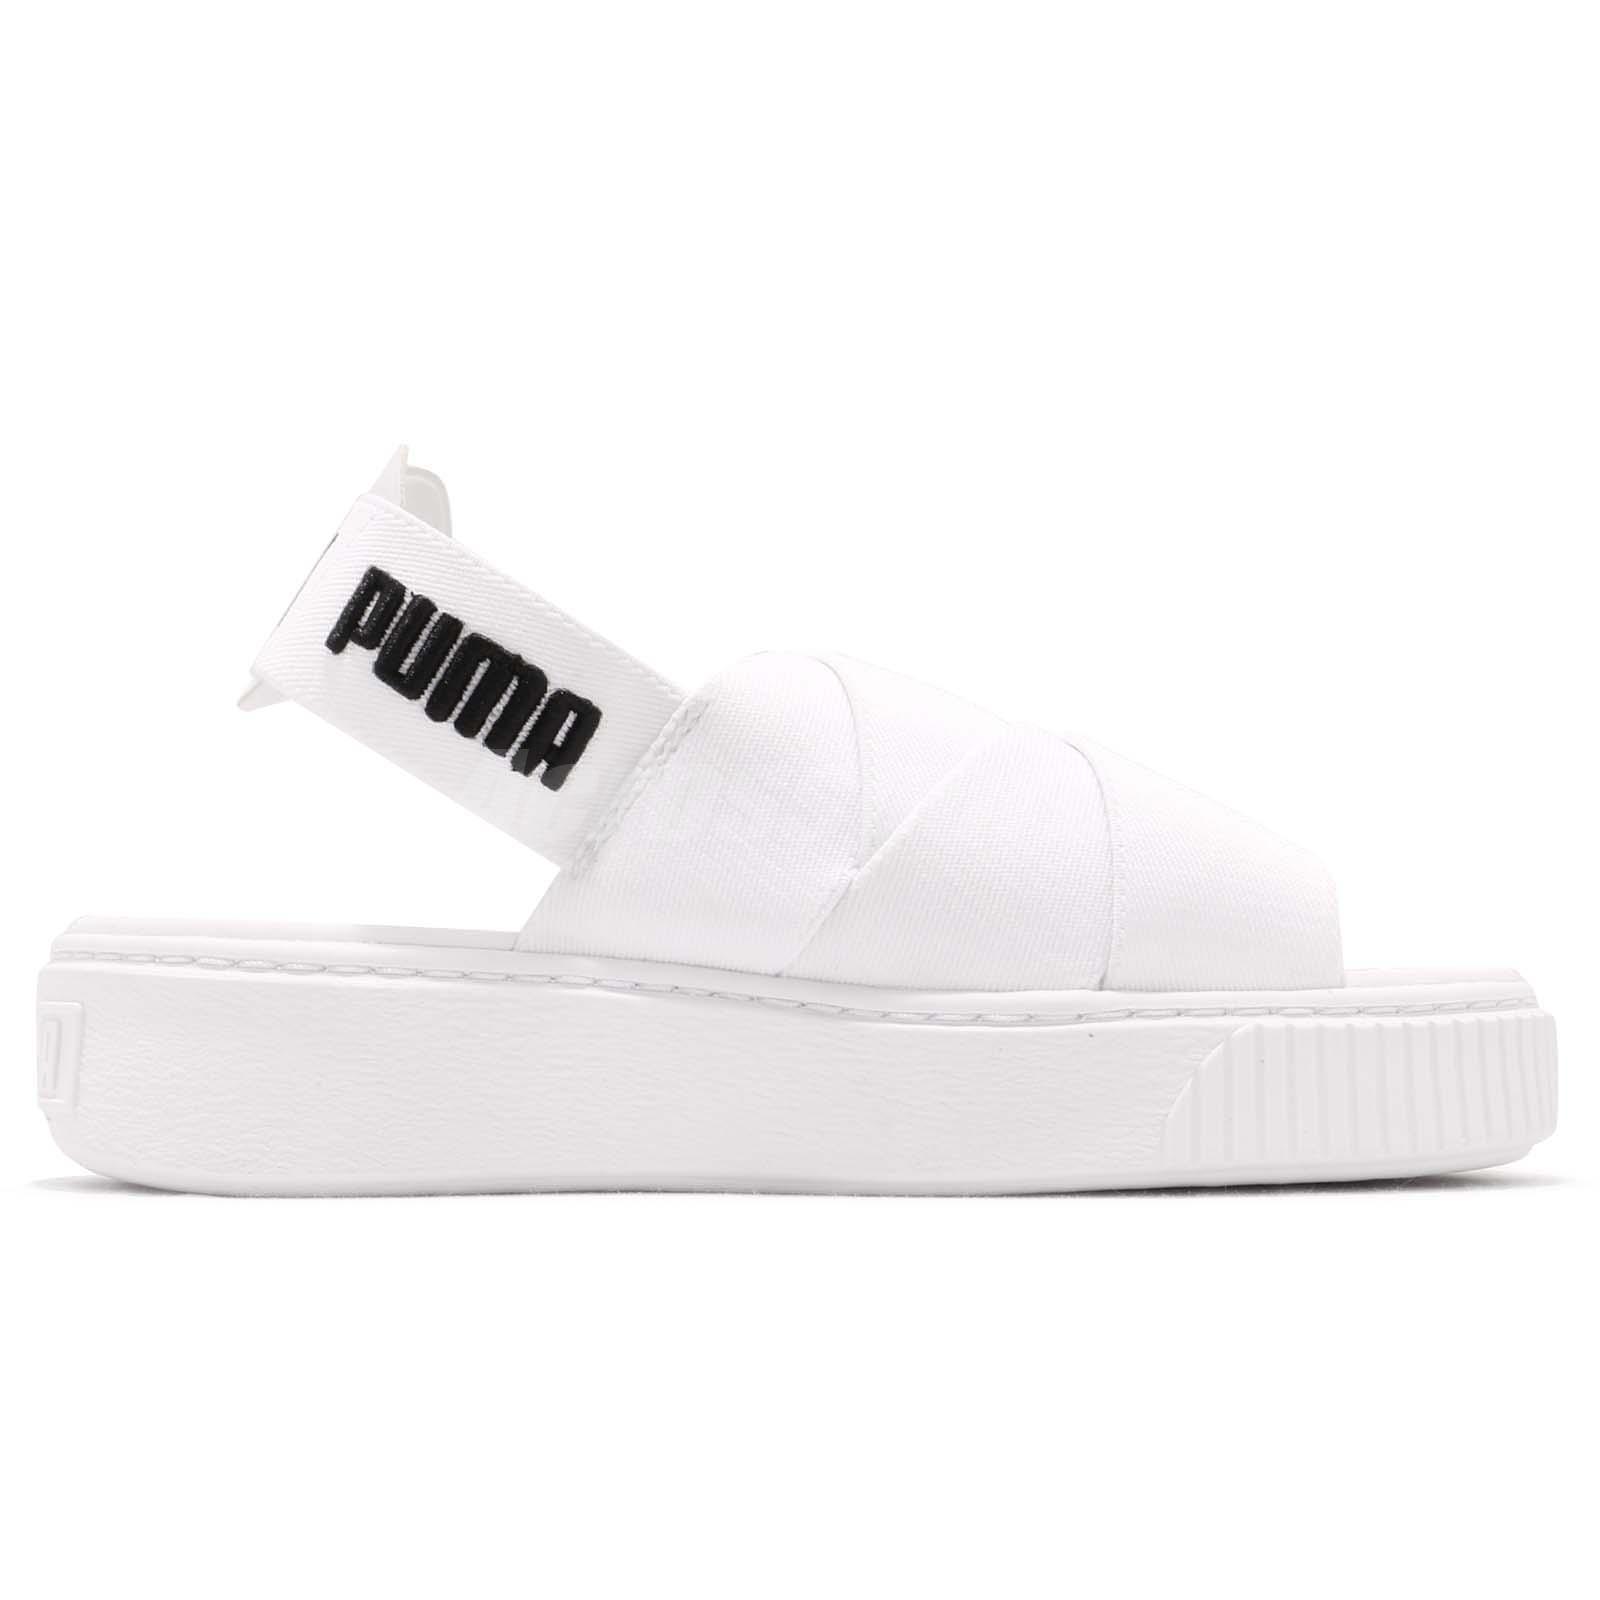 5a38c8b87efa Puma Platform Sandal Wns White Black Women Sports Lifestyle Sandal ...